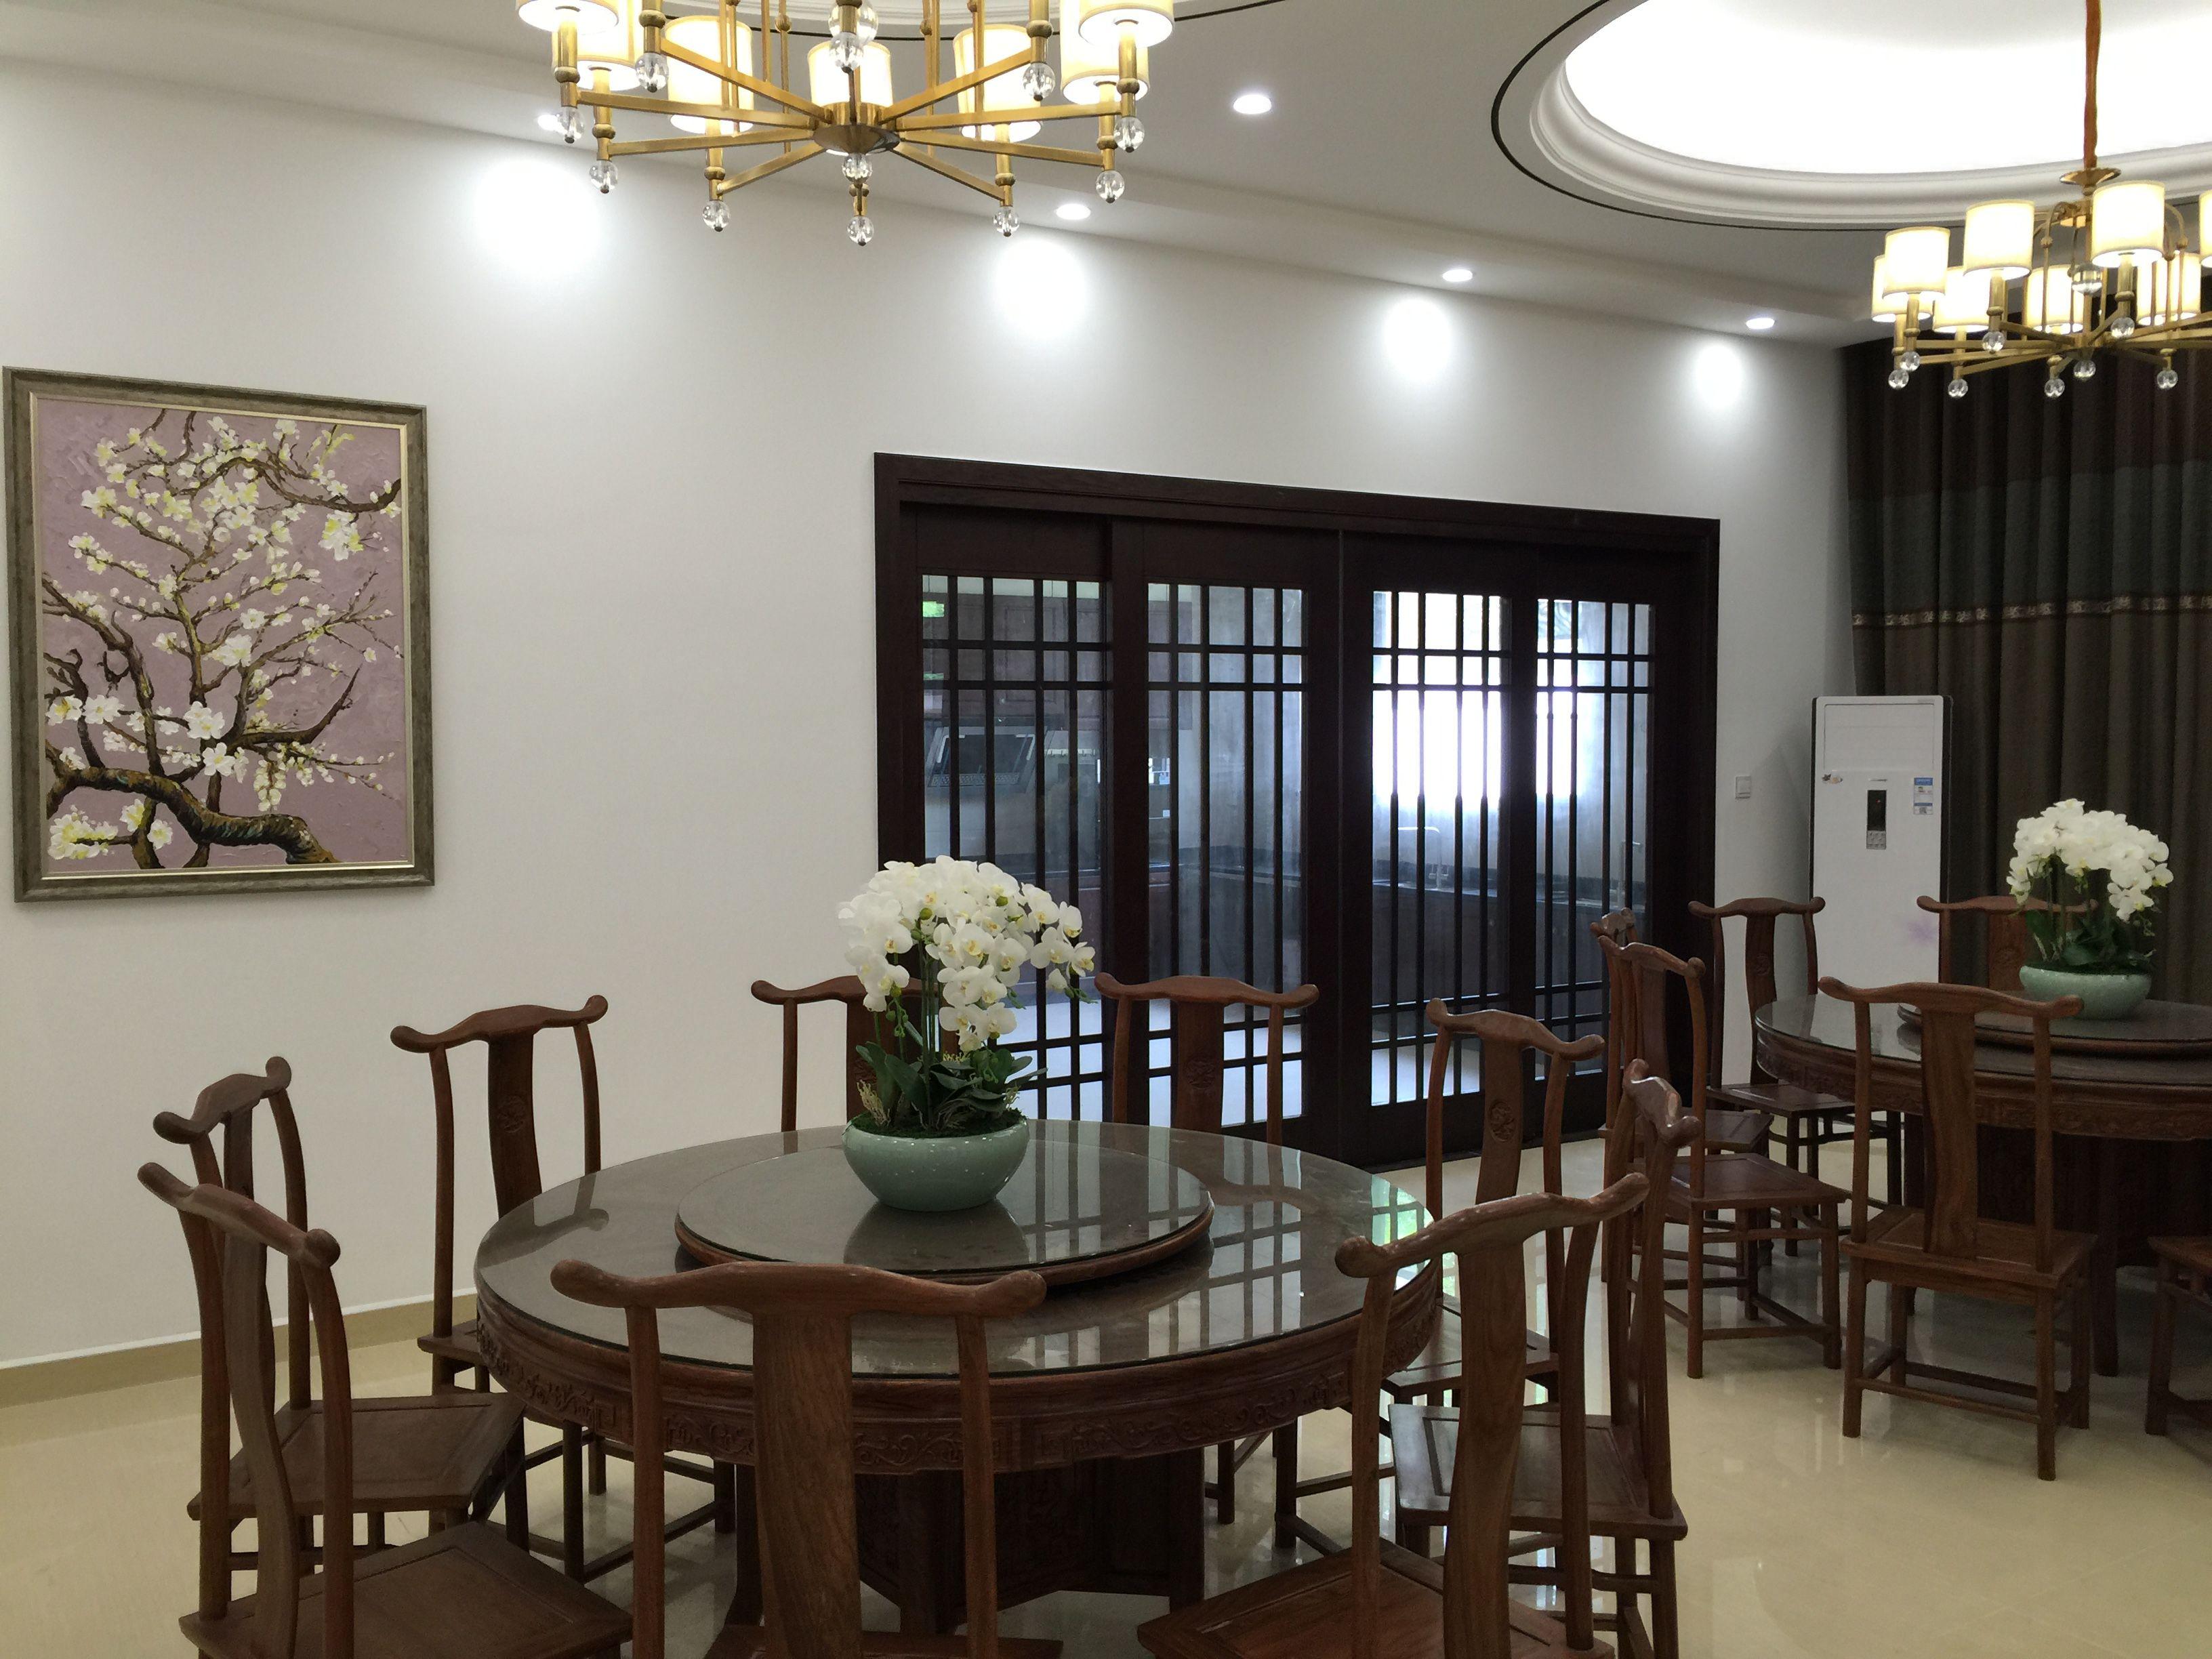 大华西郊别 别墅装修 腾龙设计 中式风格 餐厅图片来自腾龙设计在大华西郊300平别墅新中式实景的分享